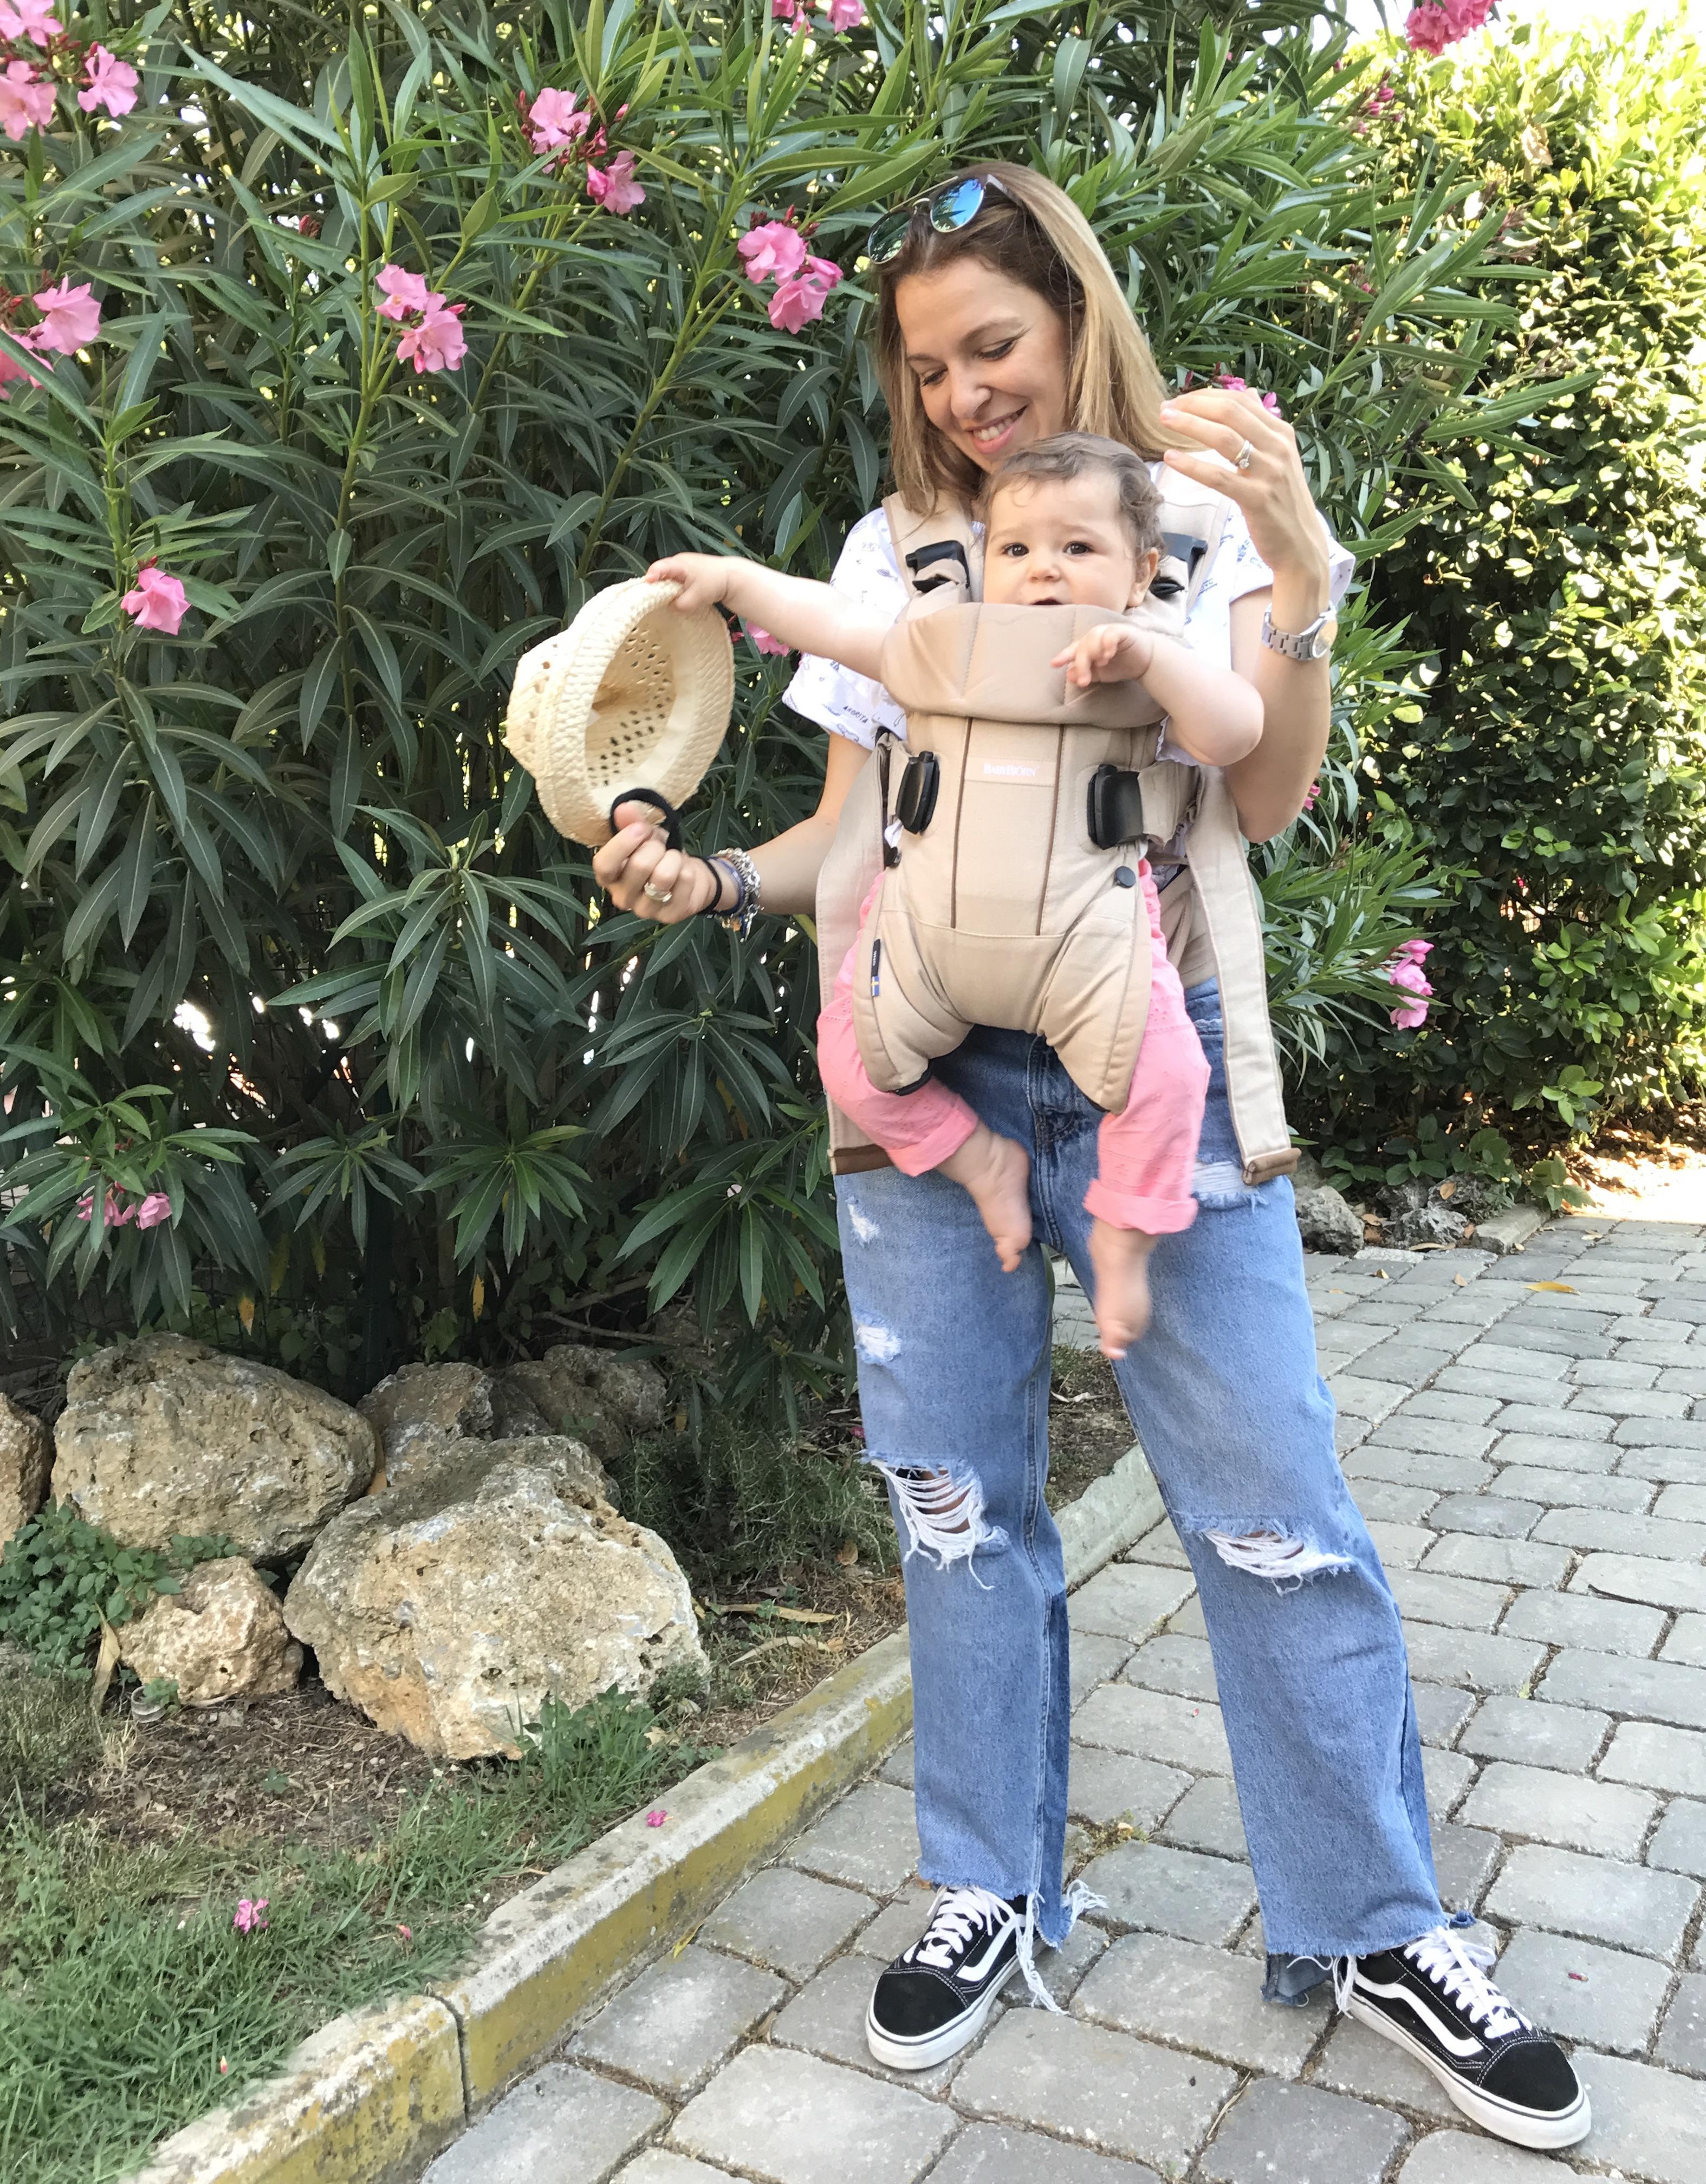 baby wearing Babybijorn